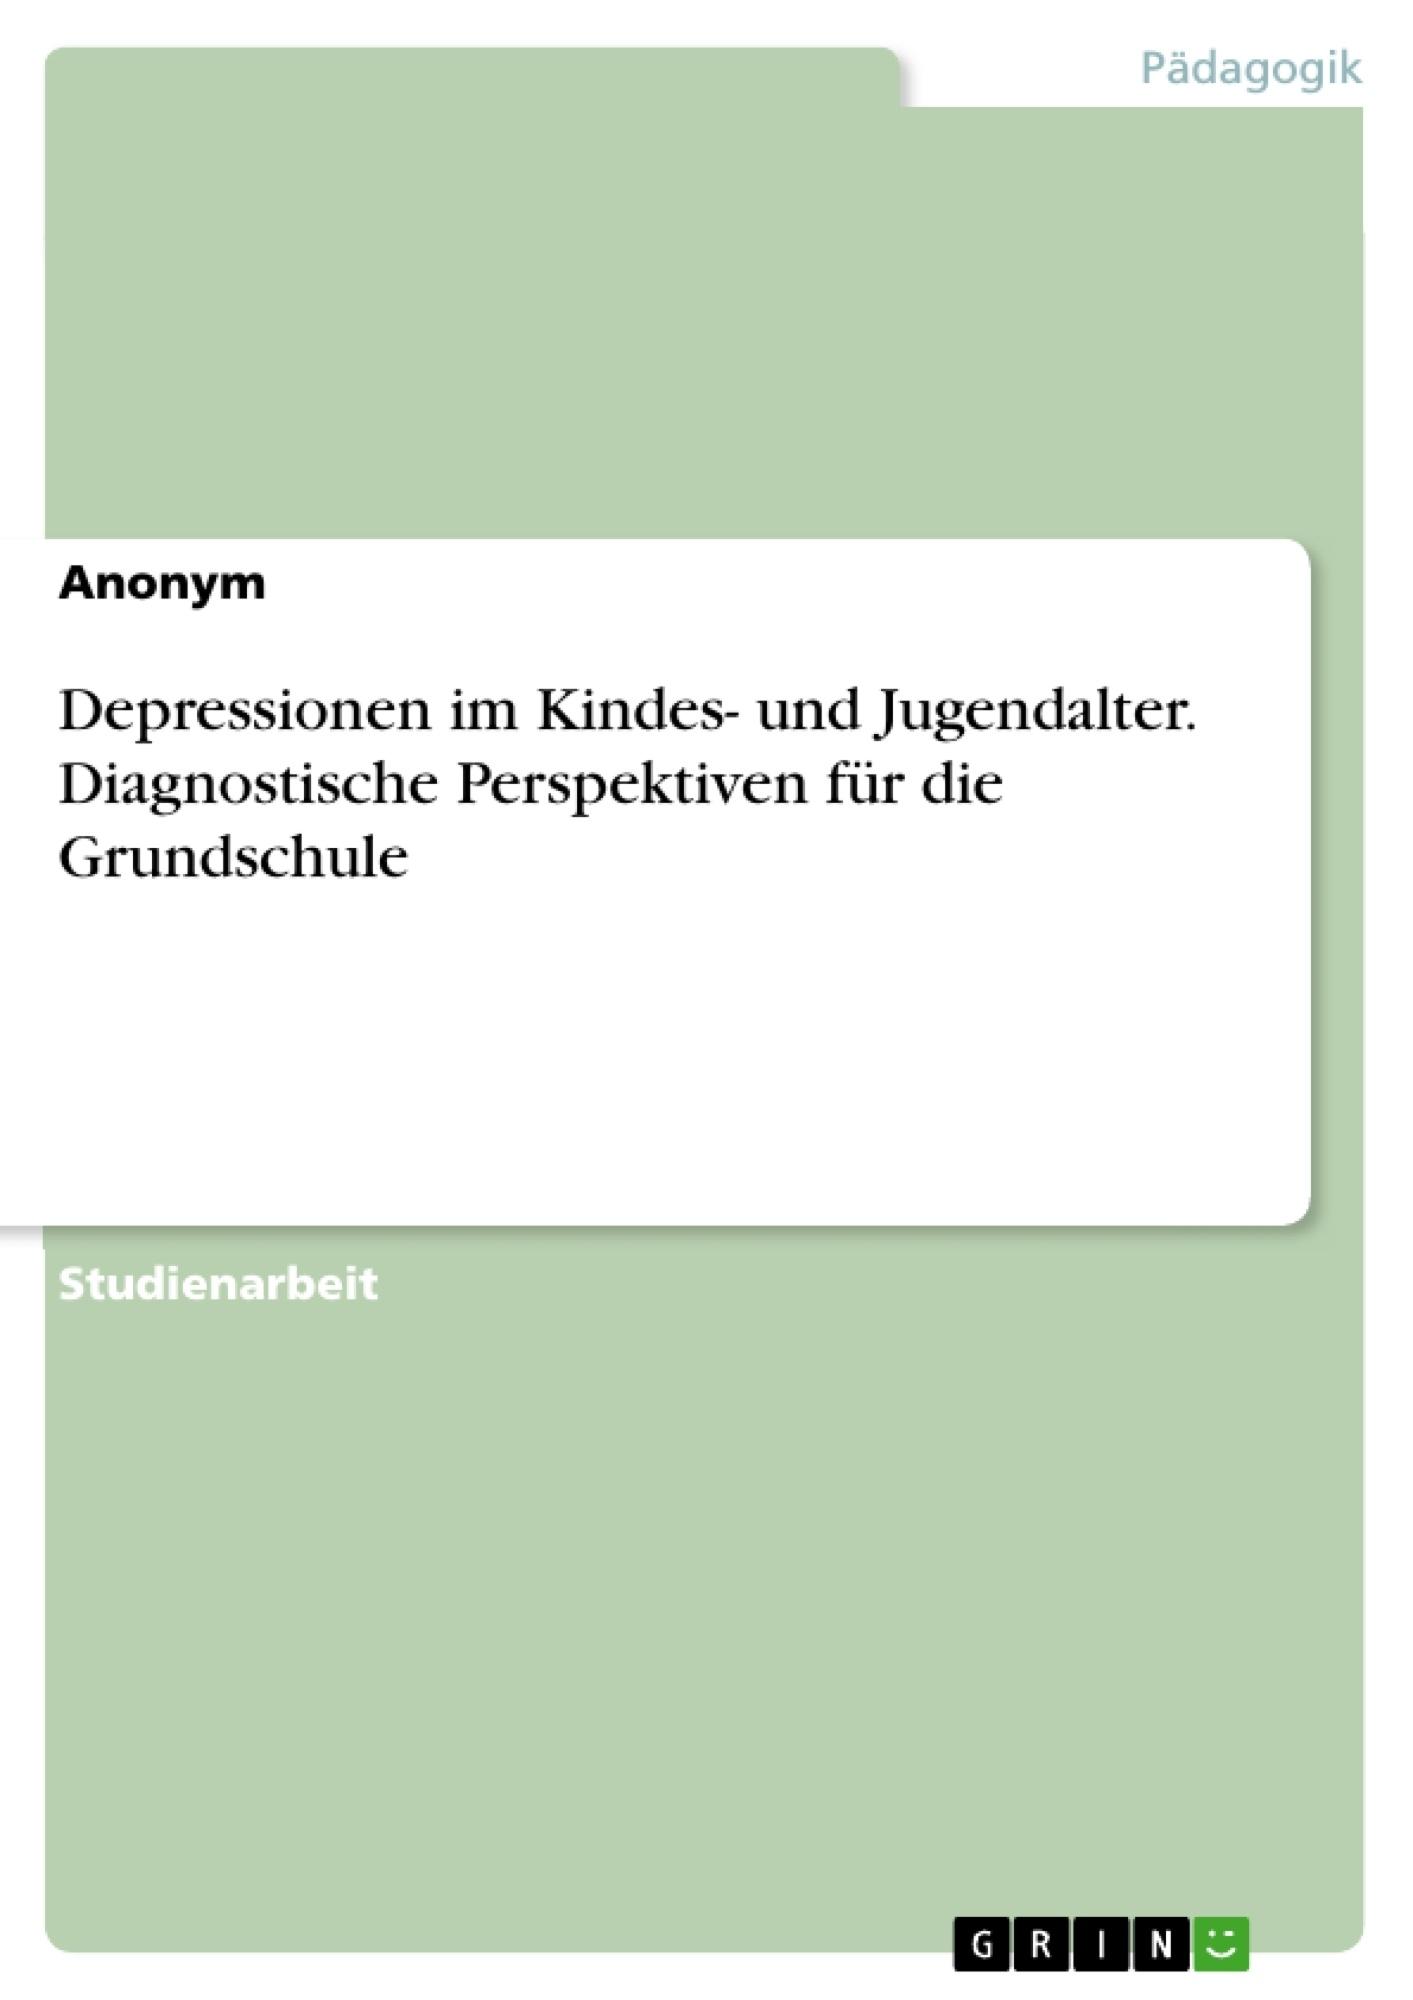 Titel: Depressionen im Kindes- und Jugendalter. Diagnostische Perspektiven für die Grundschule